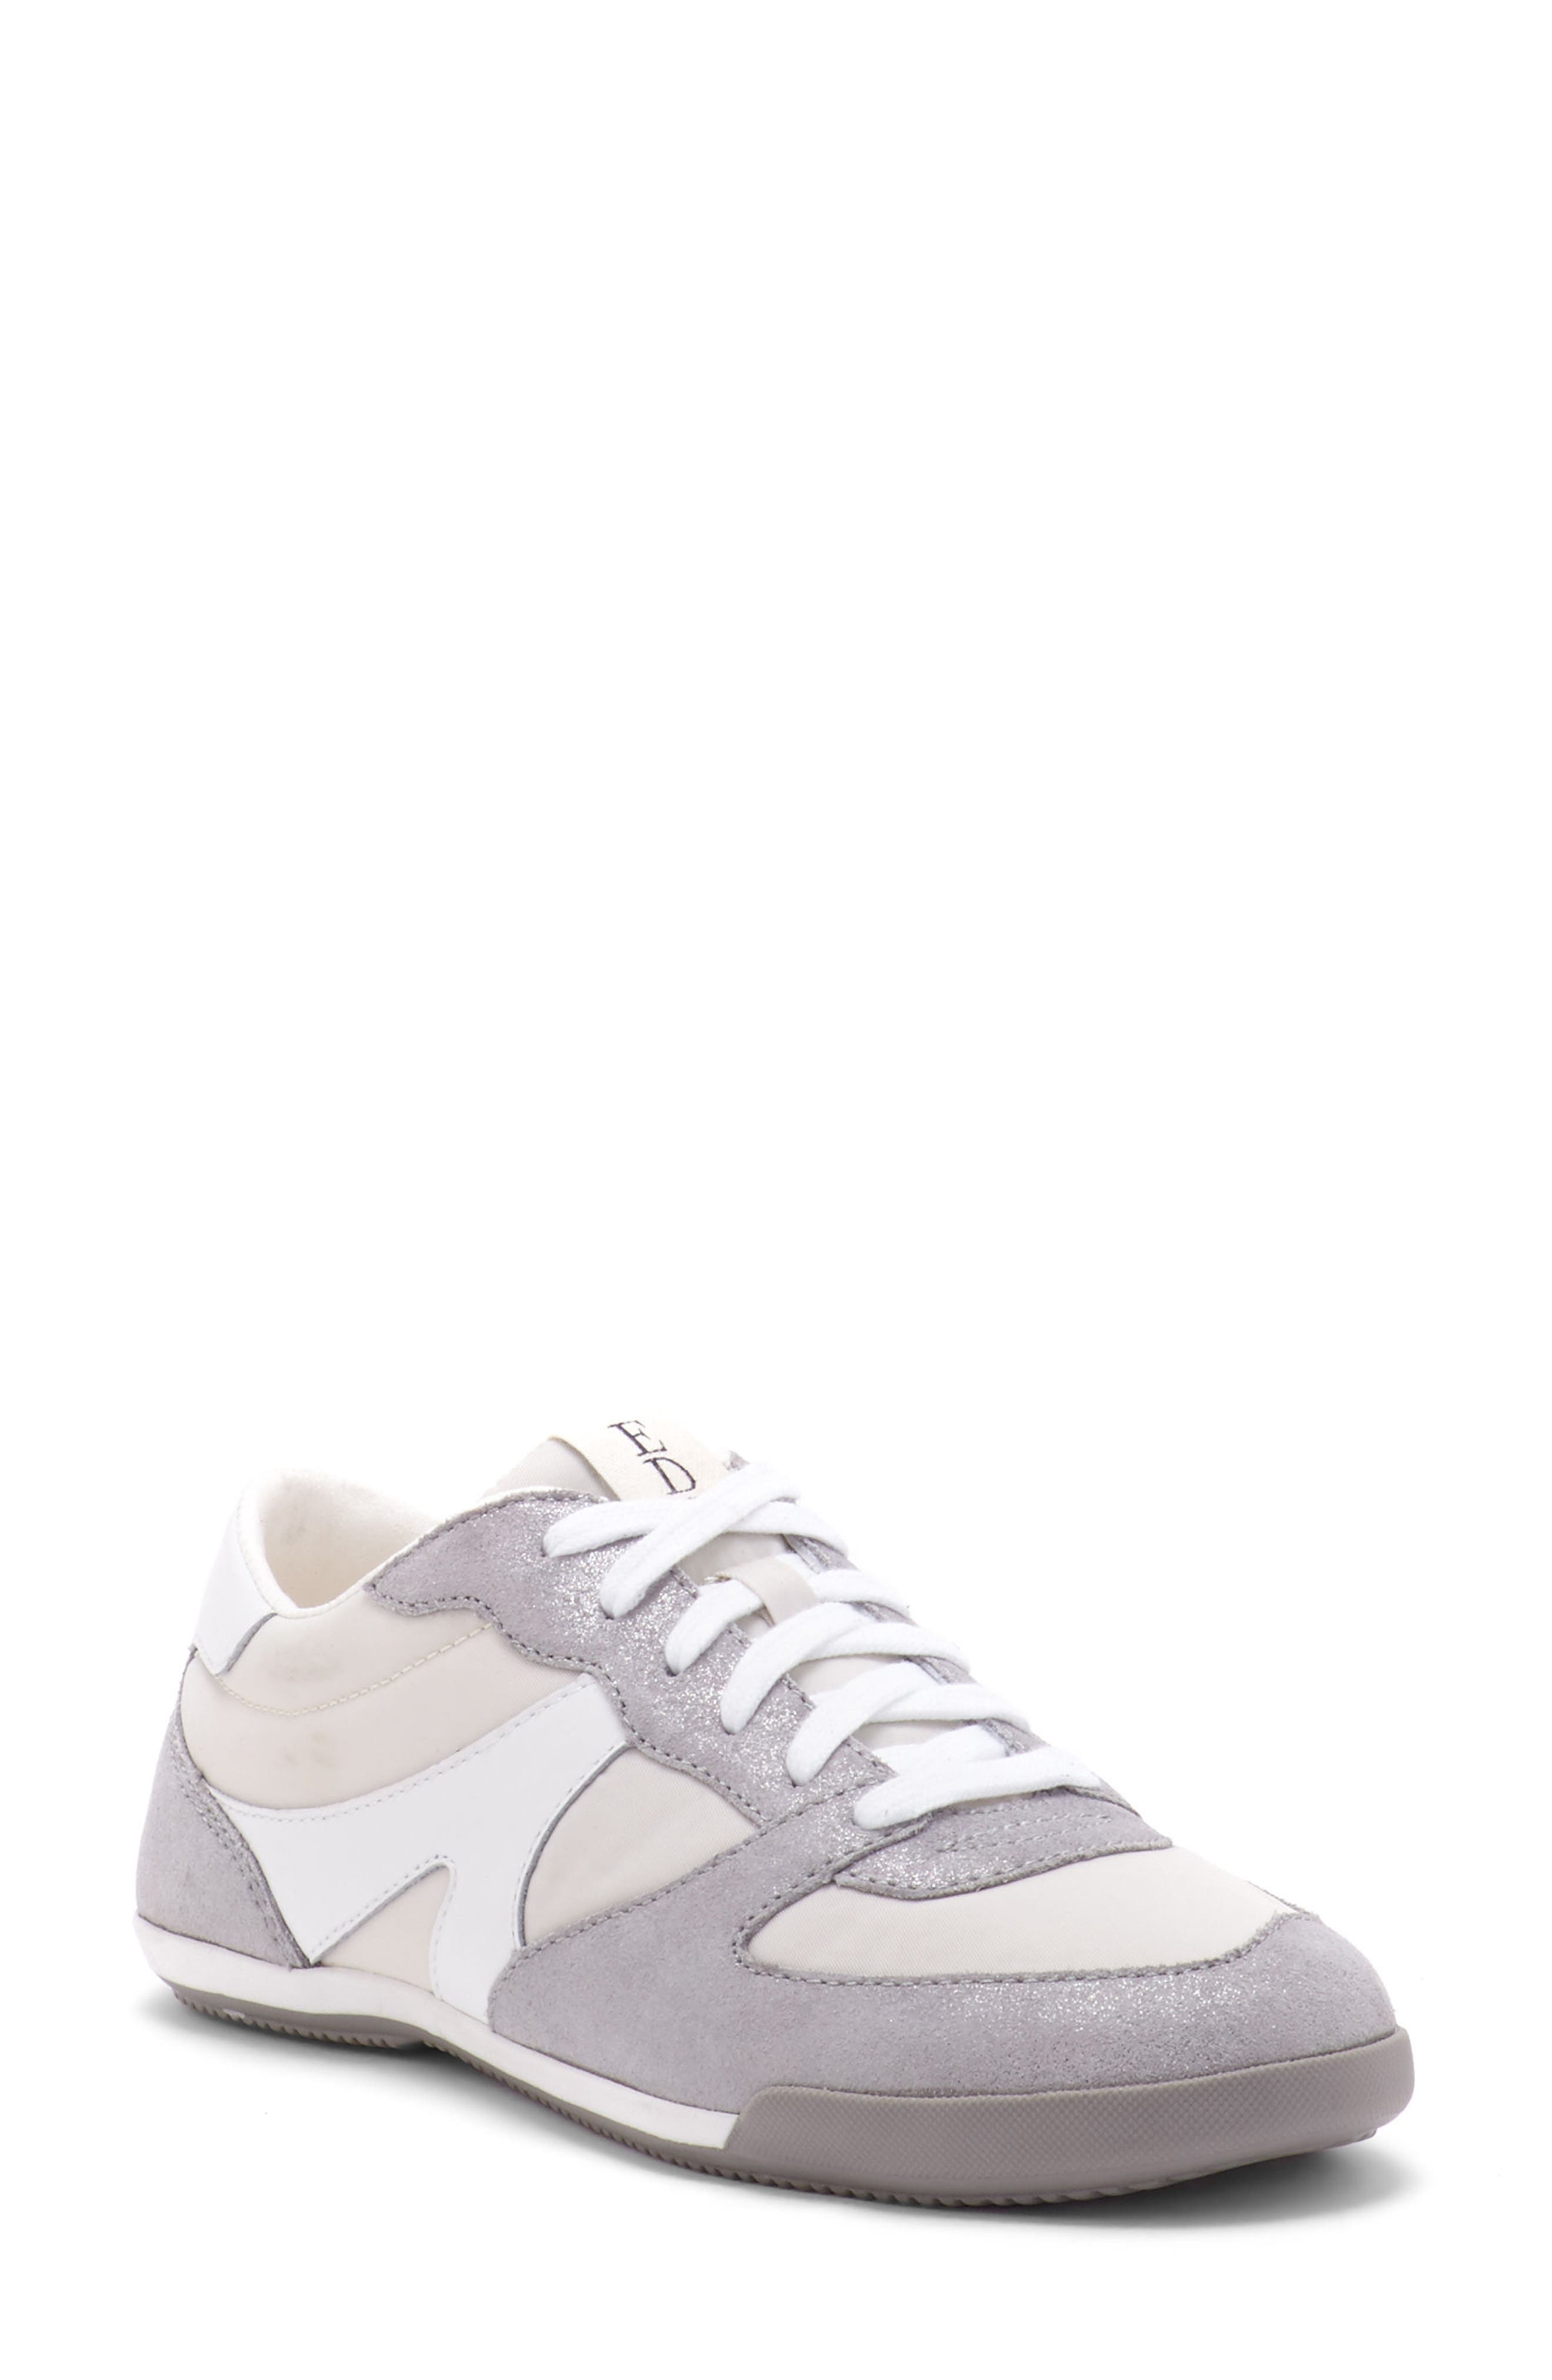 Main Image - ED Ellen DeGeneres Ellert Sneaker (Women)